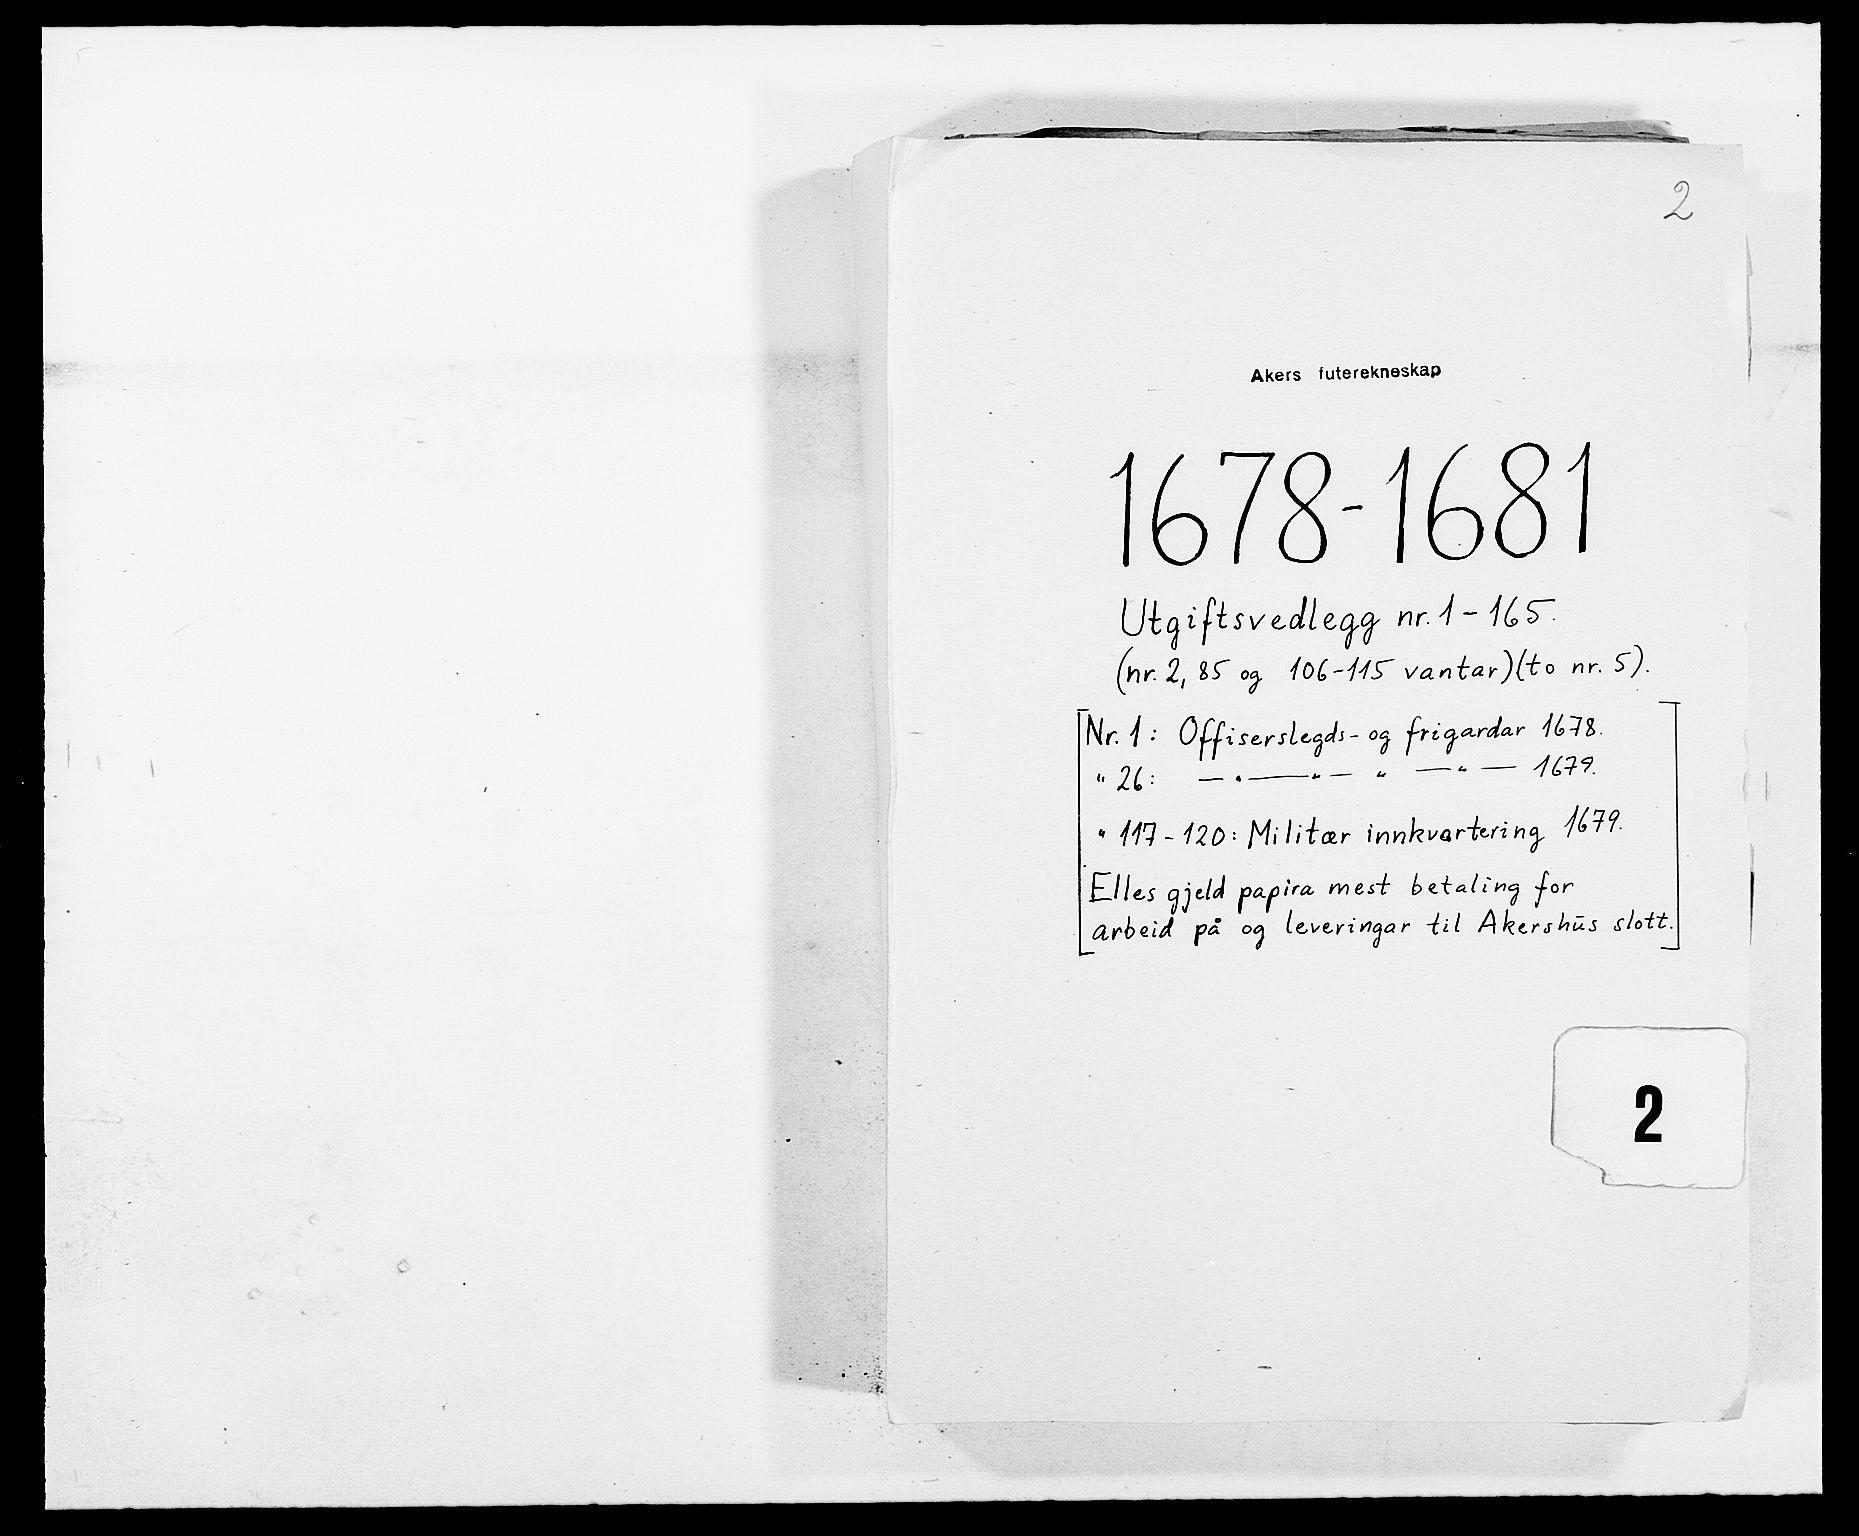 RA, Rentekammeret inntil 1814, Reviderte regnskaper, Fogderegnskap, R08/L0418: Fogderegnskap Aker, 1678-1681, s. 1